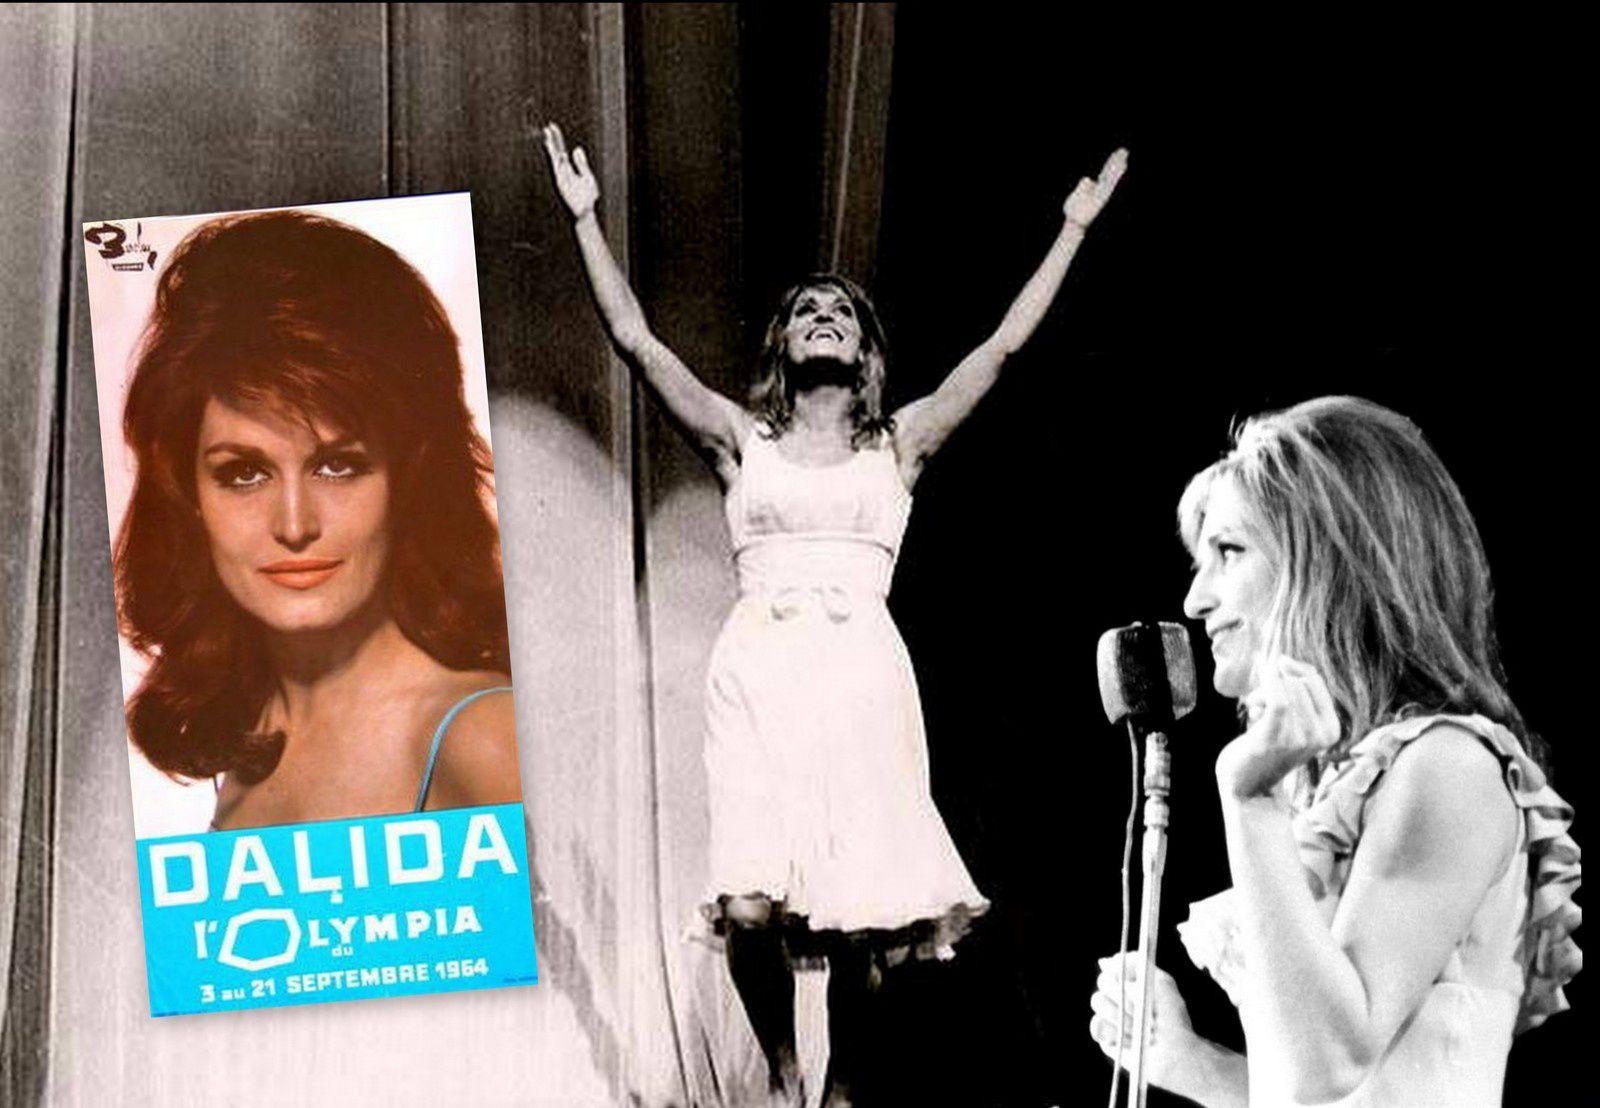 Du 3 au 21 septembre, Dalida retrouve le public parisien à l'Olympia.